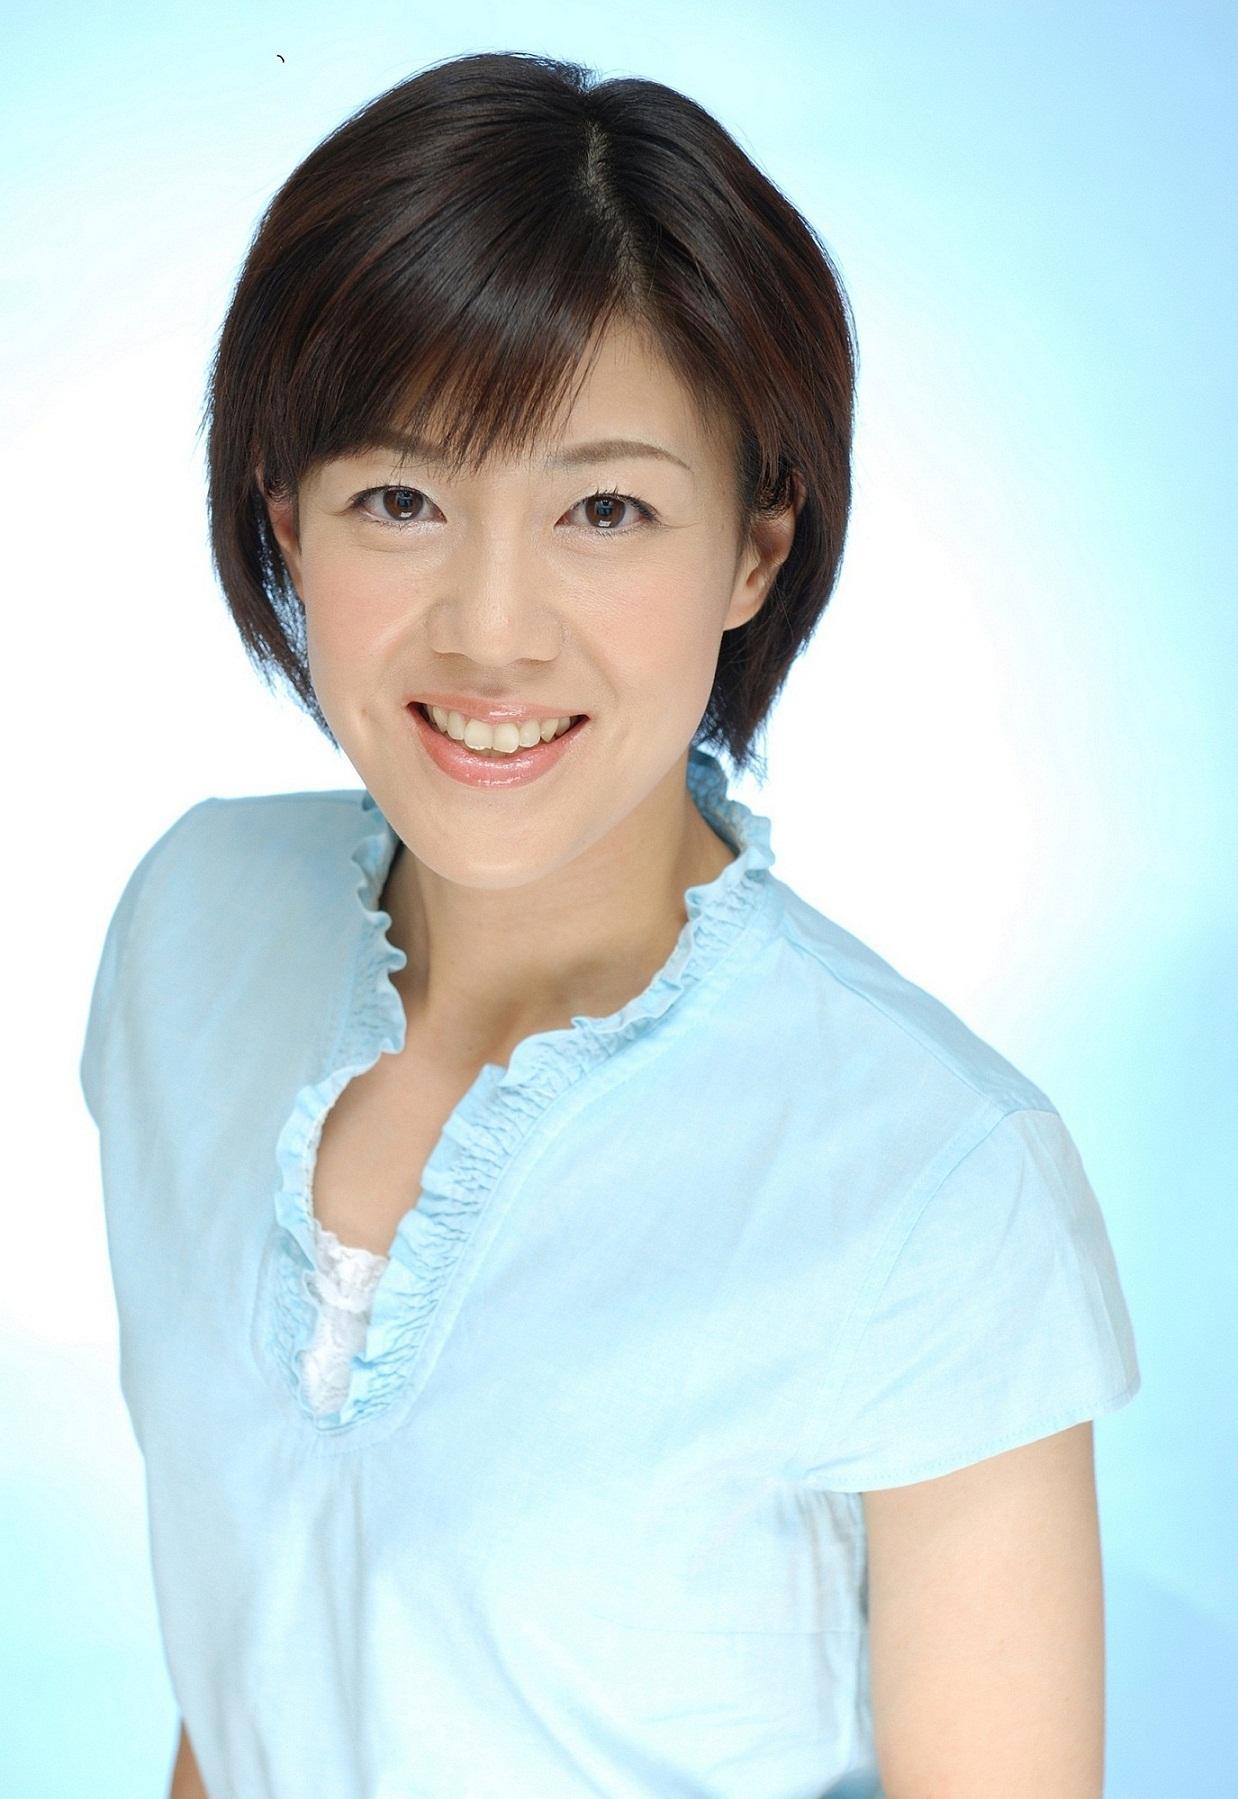 フリーアナウンサー・アナウンスコンシェルジュ®︎河田京子オフィシャルブログ コラム「今日から実践!子どものコミュニケーション能力の伸ばし方」